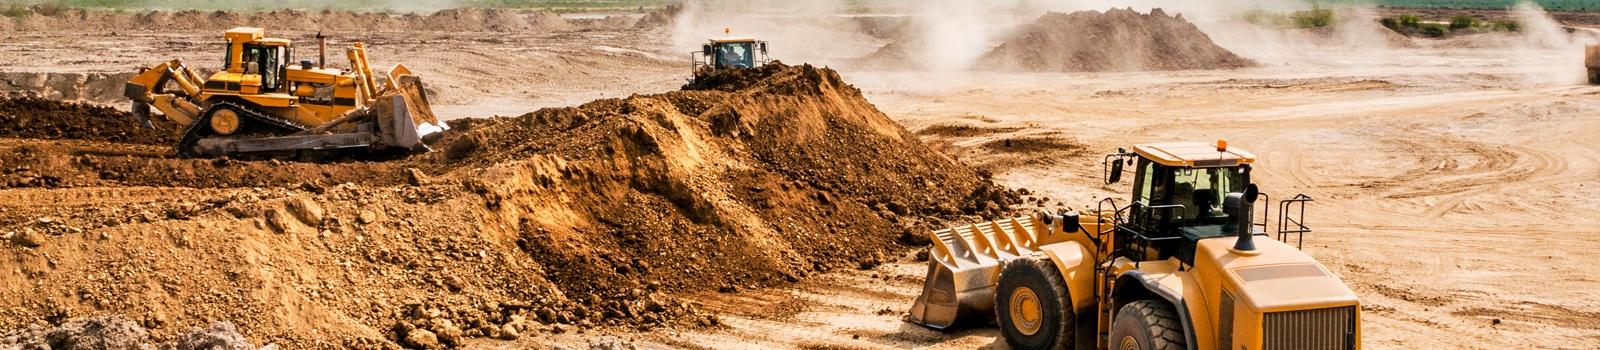 Construction Bulldozers Earth Mover